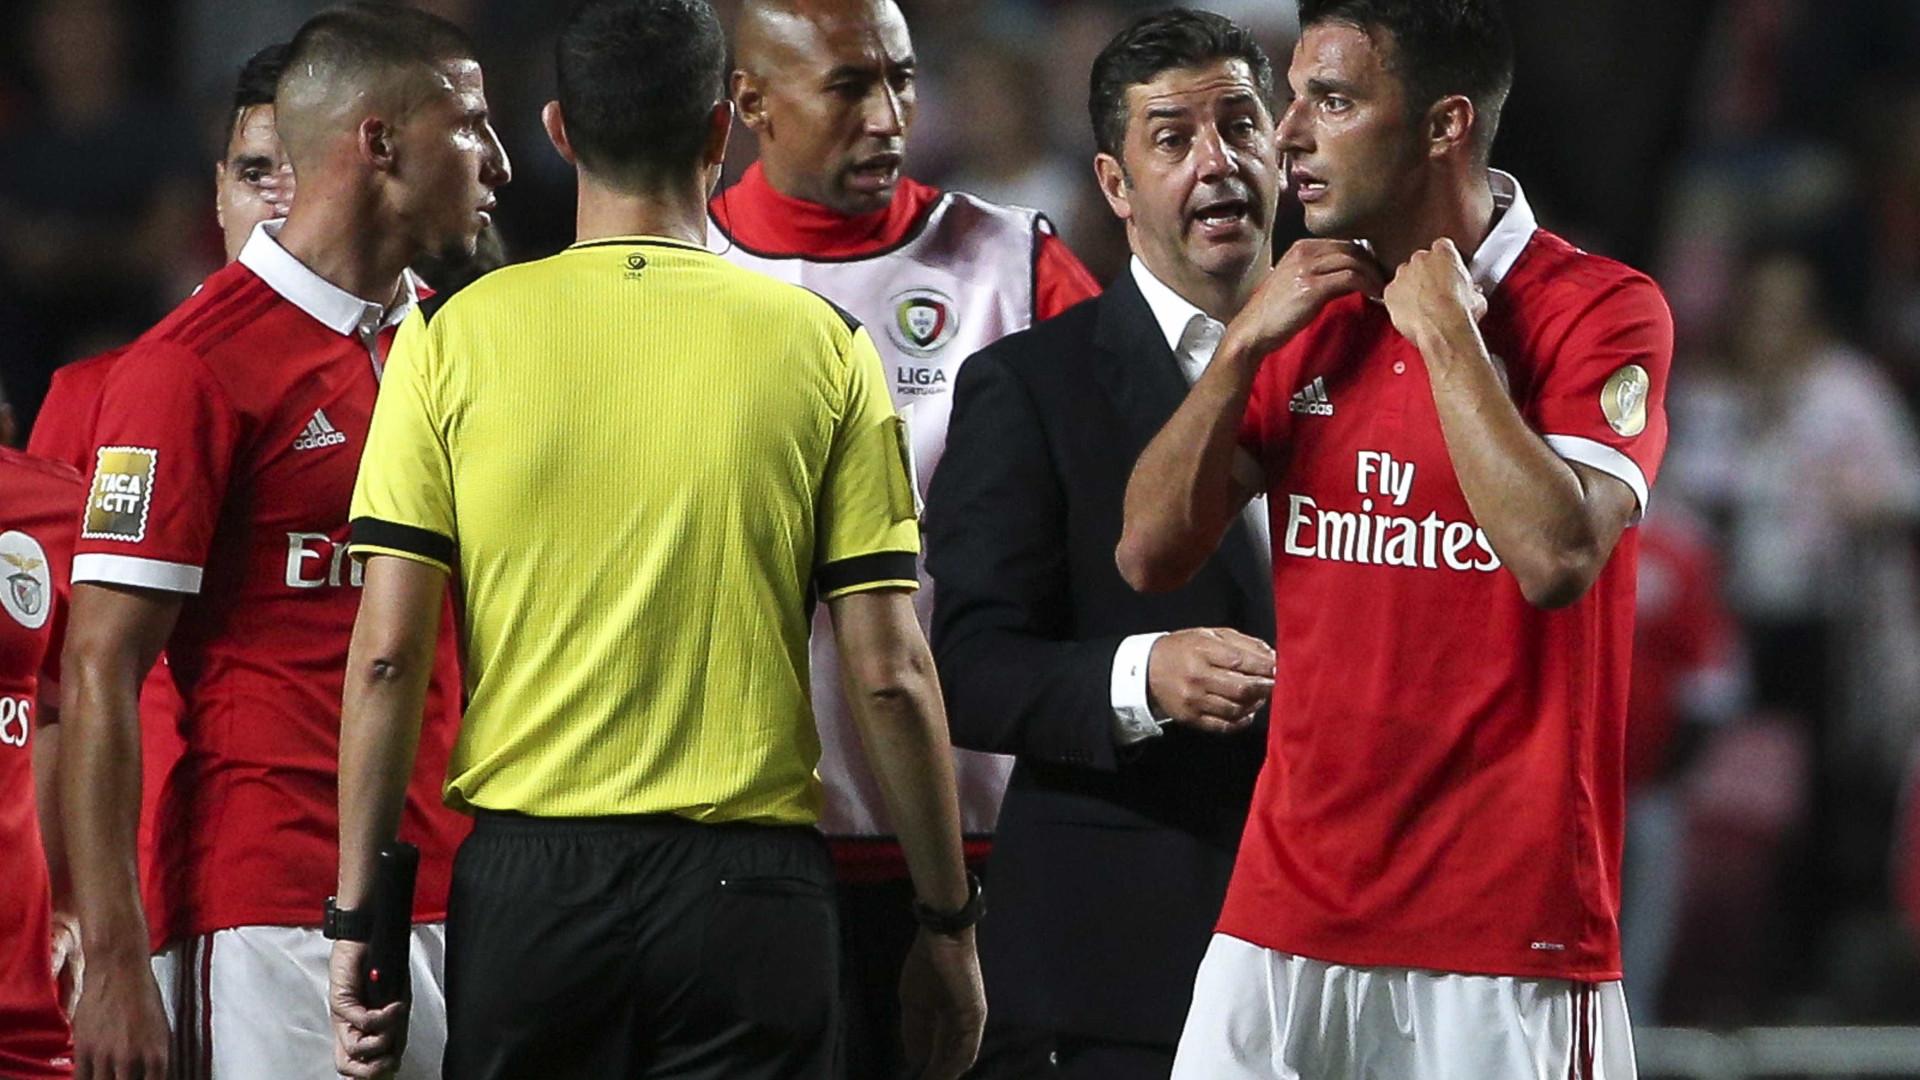 Conselho de Disciplina confirma castigo de três jogos a Samaris